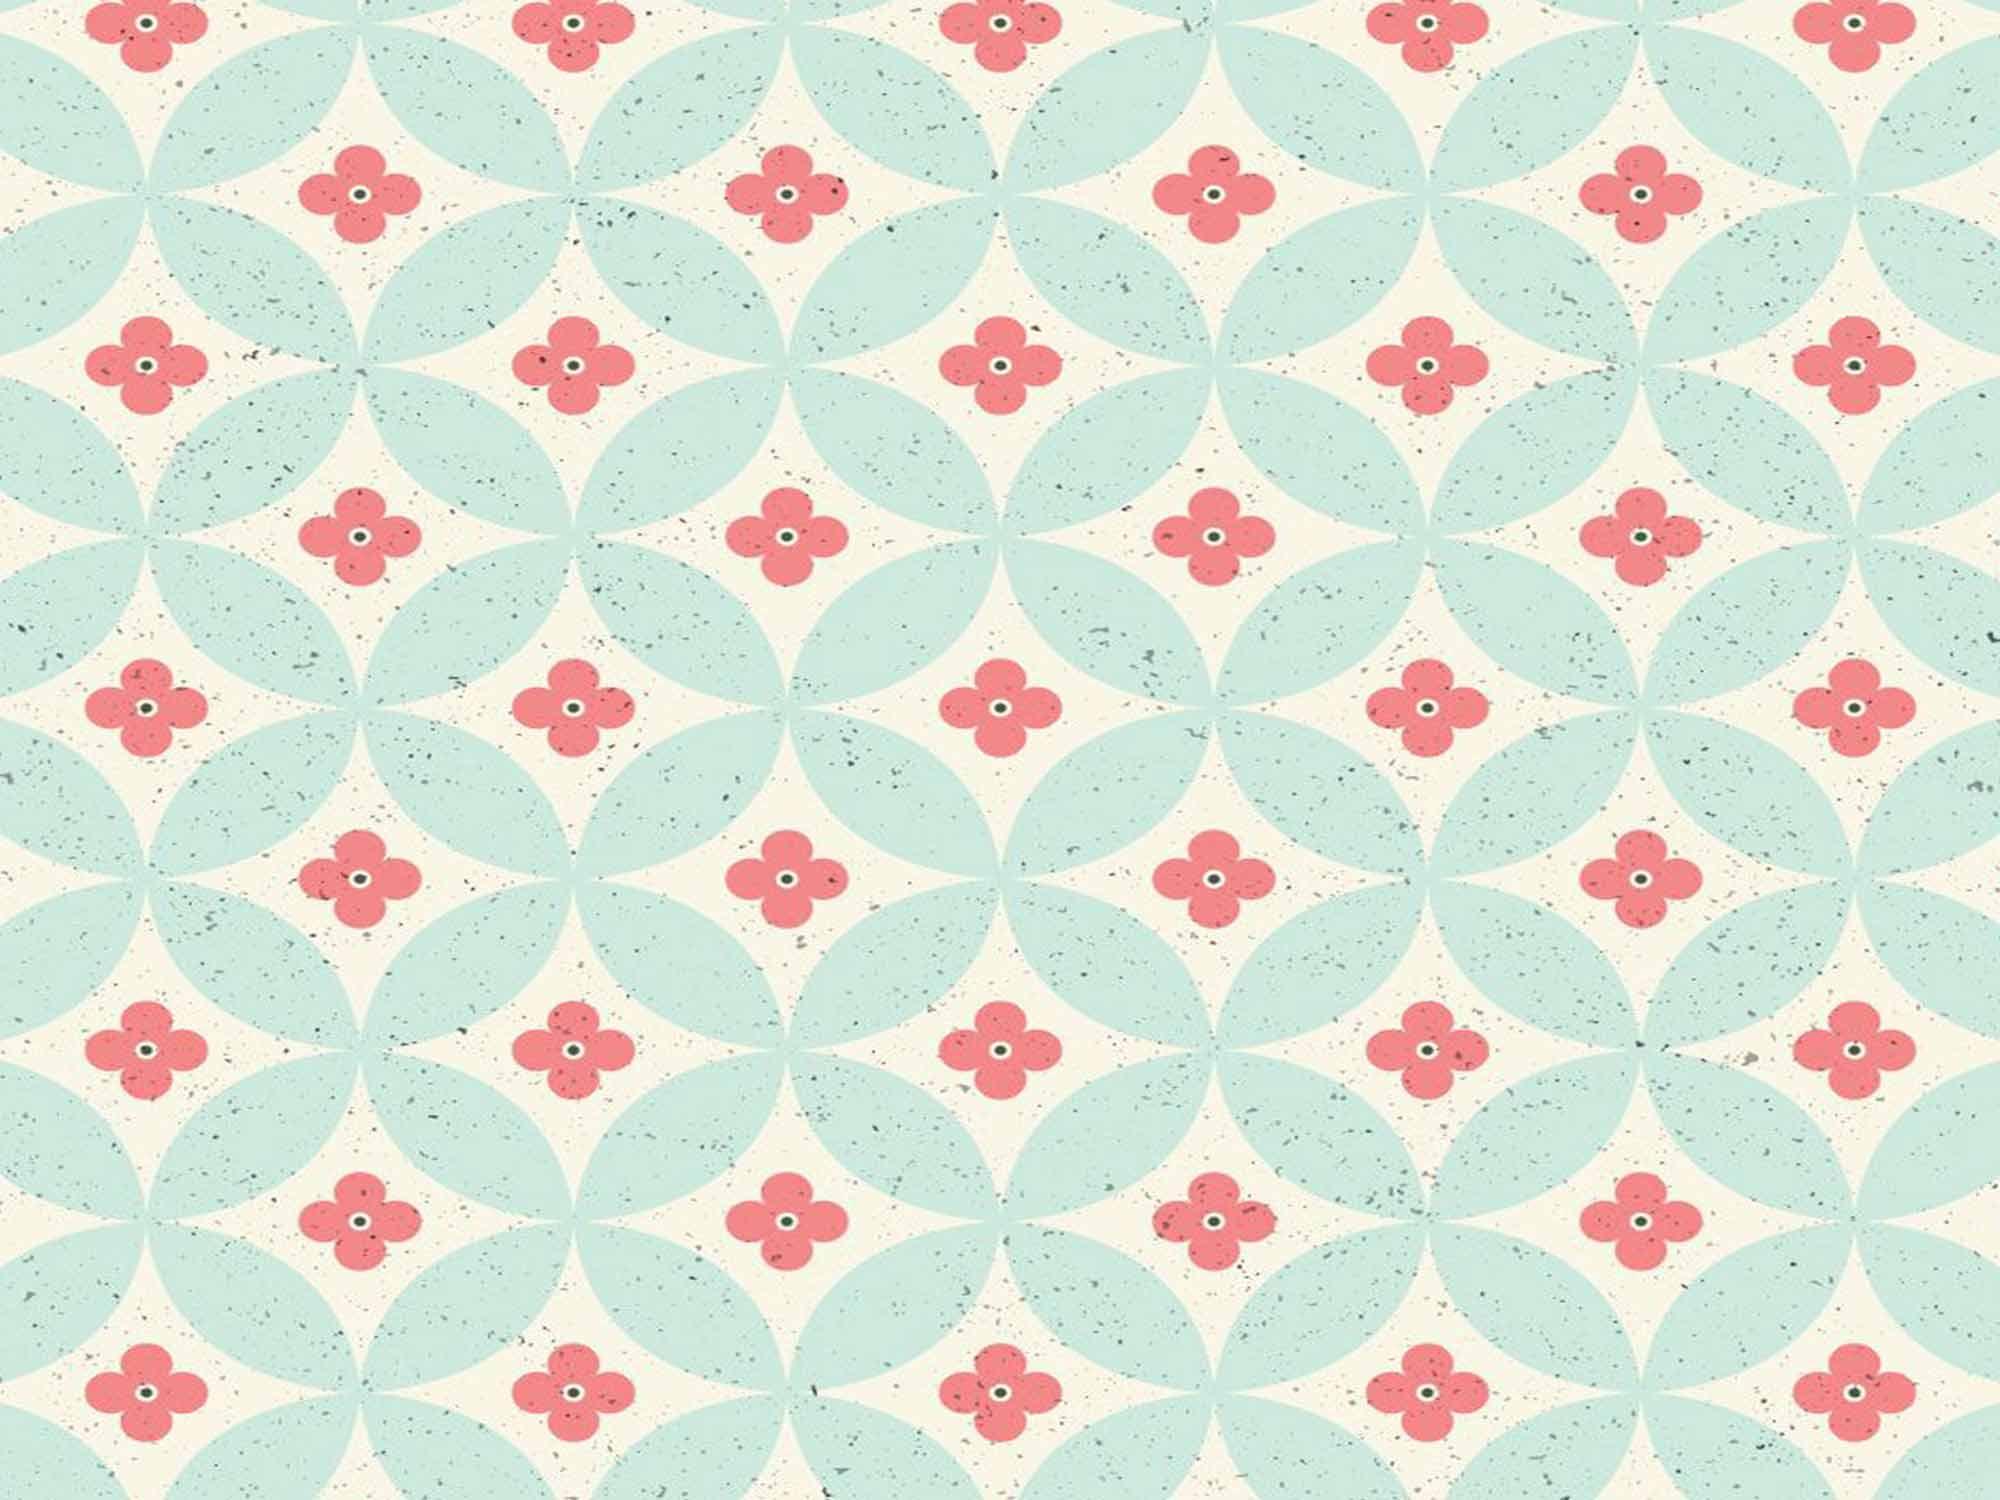 Papel de Parede para Cozinha Azulejos 0005 - Adesivos de Parede  - Paredes Decoradas